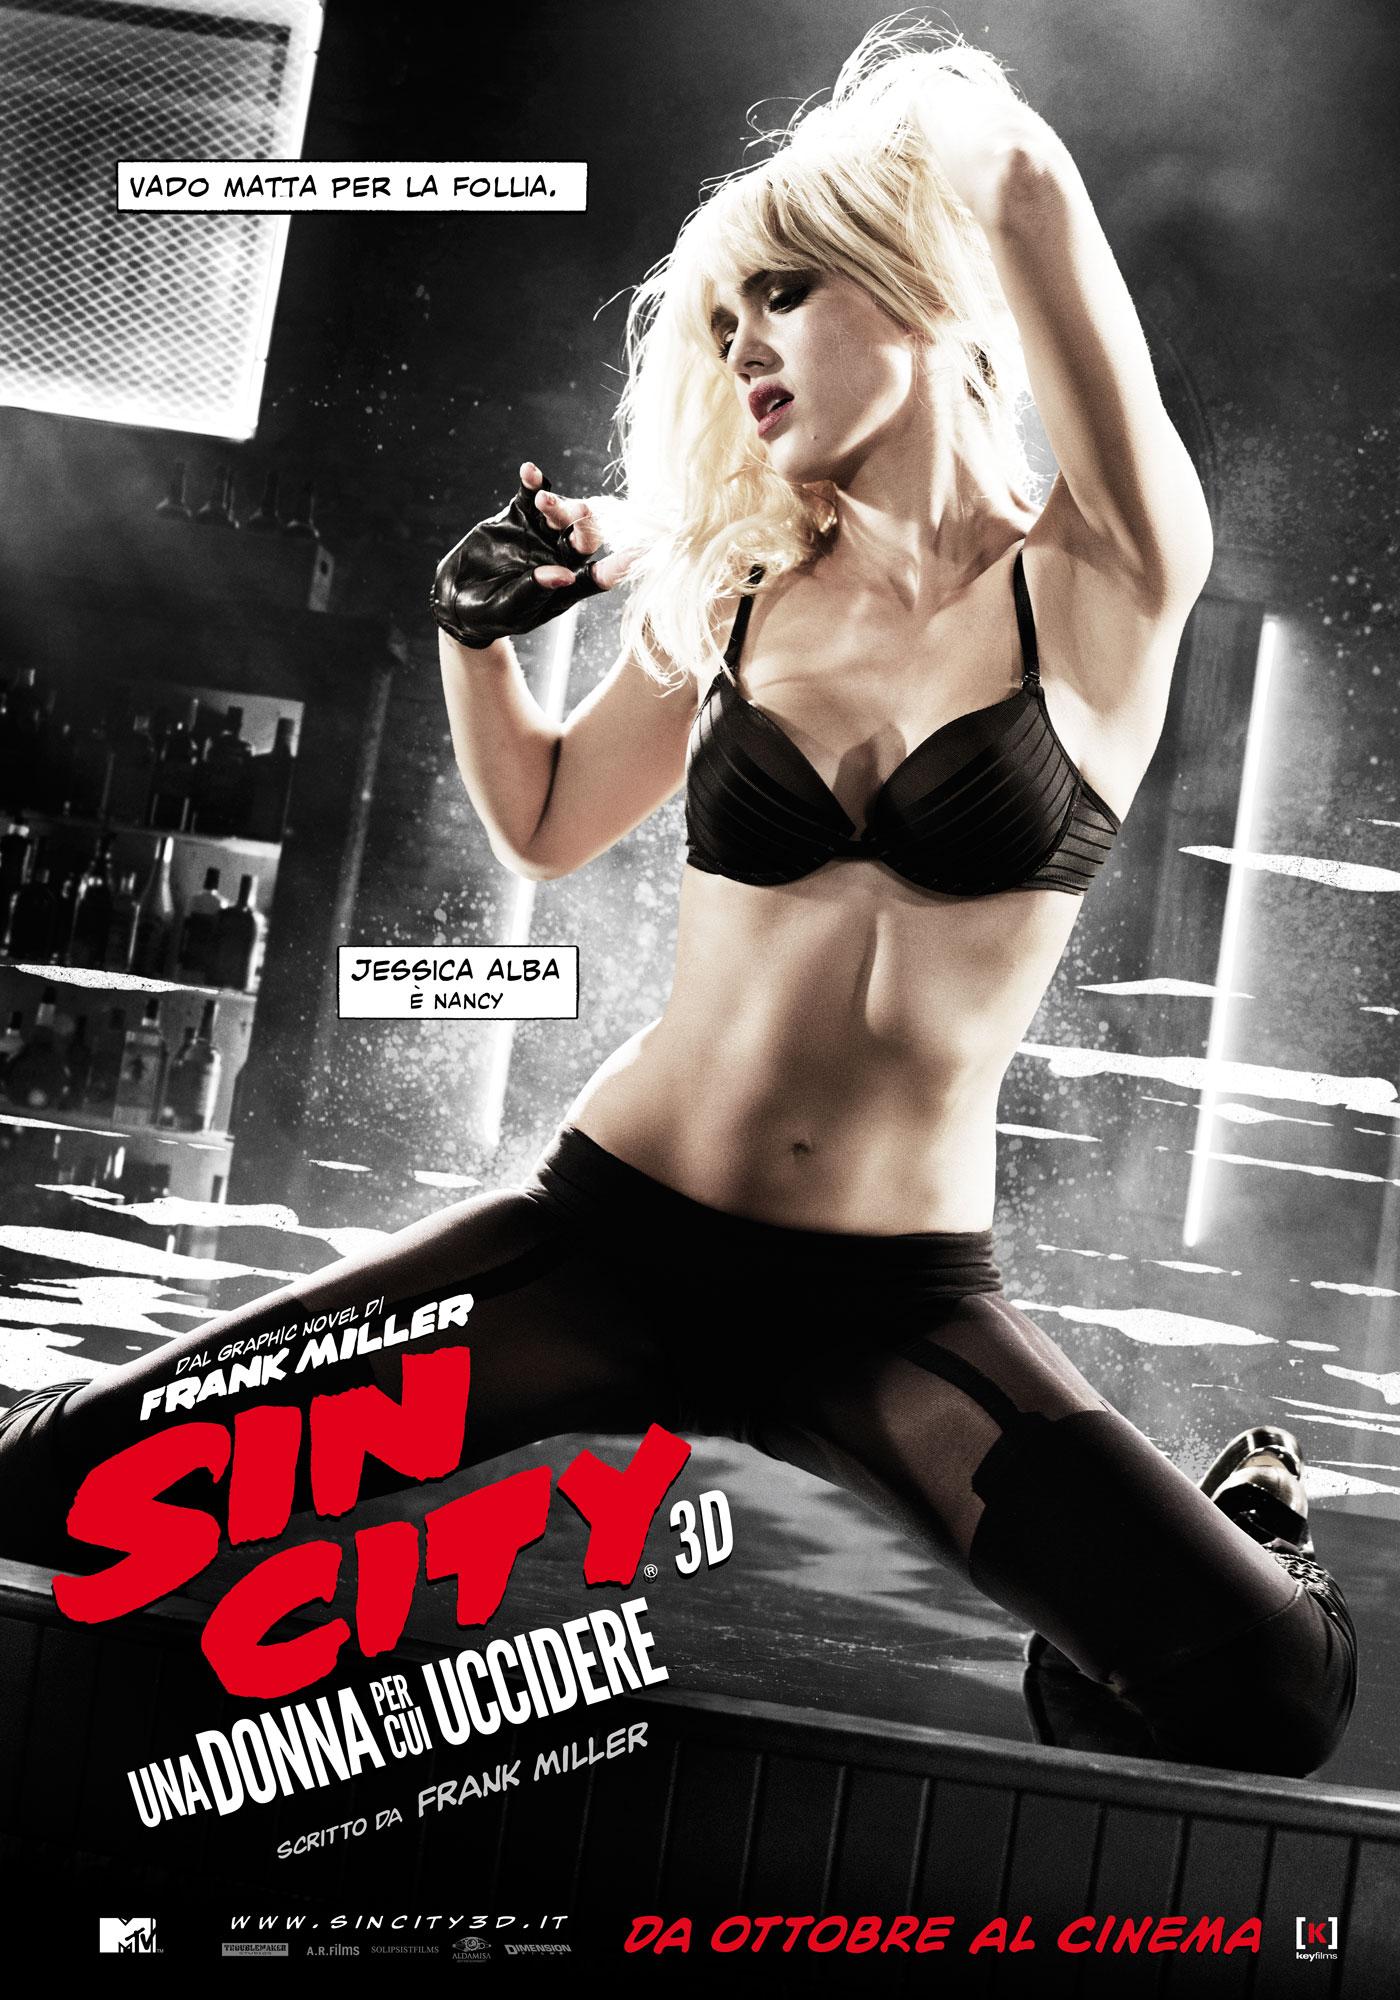 Sin City - Una donna per cui uccidere: il character poster italiano di Jessica Alba